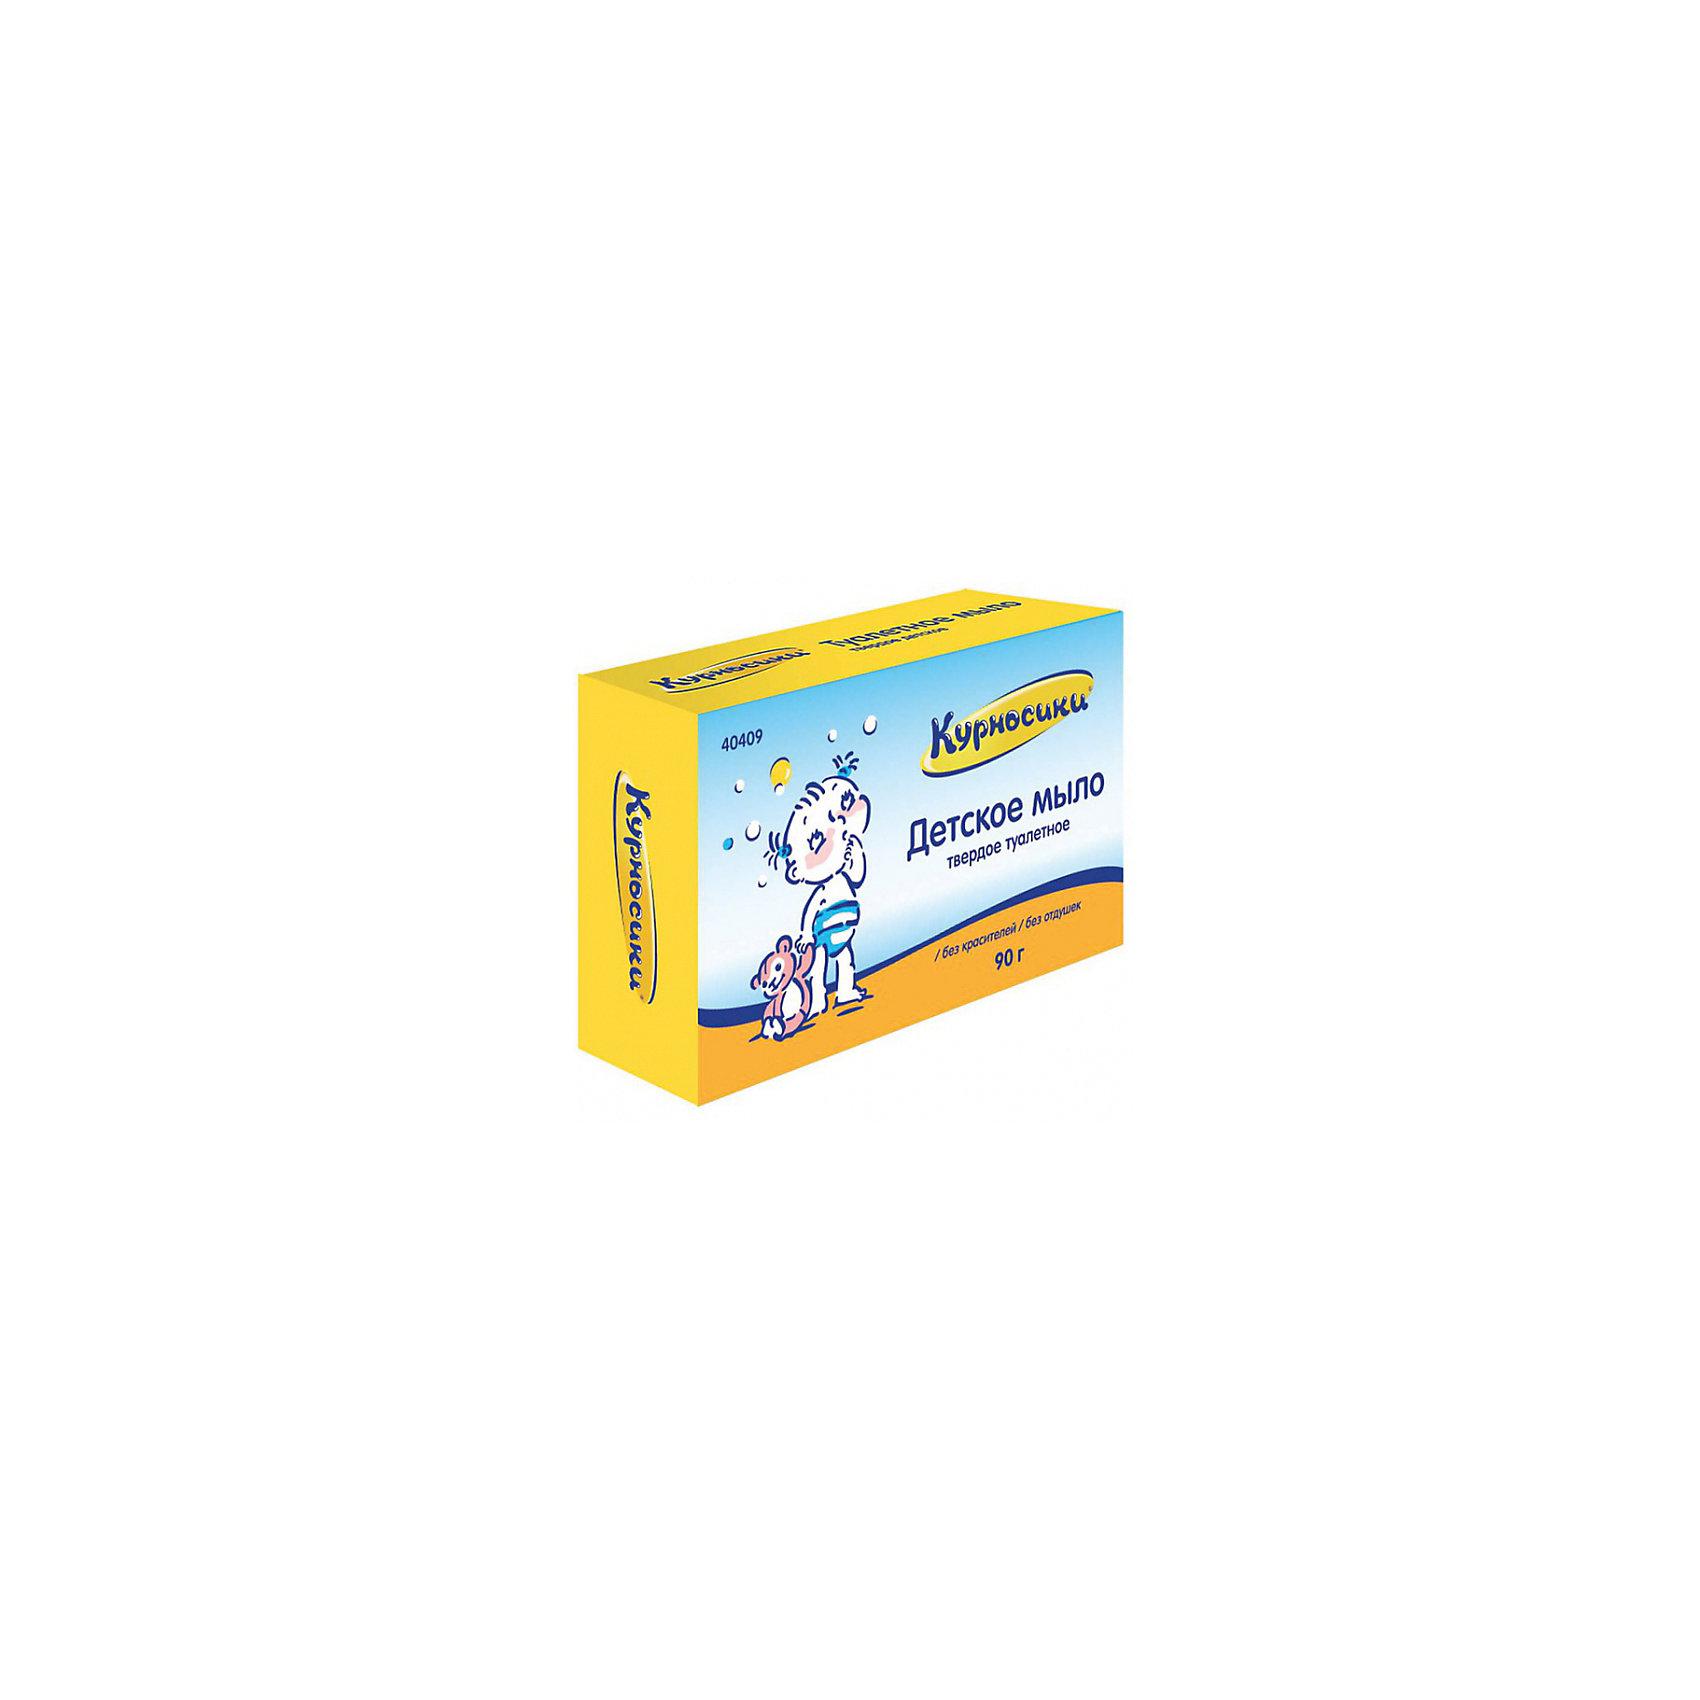 Туалетное мыло, KurnosikiТуалетное мыло, Kurnosiki - предназначено для ежедневной гигиены малыша с самого рождения.<br>Туалетное мыло, Kurnosiki предназначено для бережного ухода за чувствительной кожей малышей с первых дней жизни. Изготовлено из высококачественных натуральных компонентов. Гипоаллергенно.<br><br>Дополнительная информация:<br><br>- Вес: 90 гр.<br>- Не содержит красителей и отдушек<br><br>Туалетное мыло, Kurnosiki можно купить в нашем интернет-магазине.<br><br>Ширина мм: 50<br>Глубина мм: 80<br>Высота мм: 20<br>Вес г: 94<br>Возраст от месяцев: 0<br>Возраст до месяцев: 36<br>Пол: Унисекс<br>Возраст: Детский<br>SKU: 4830234